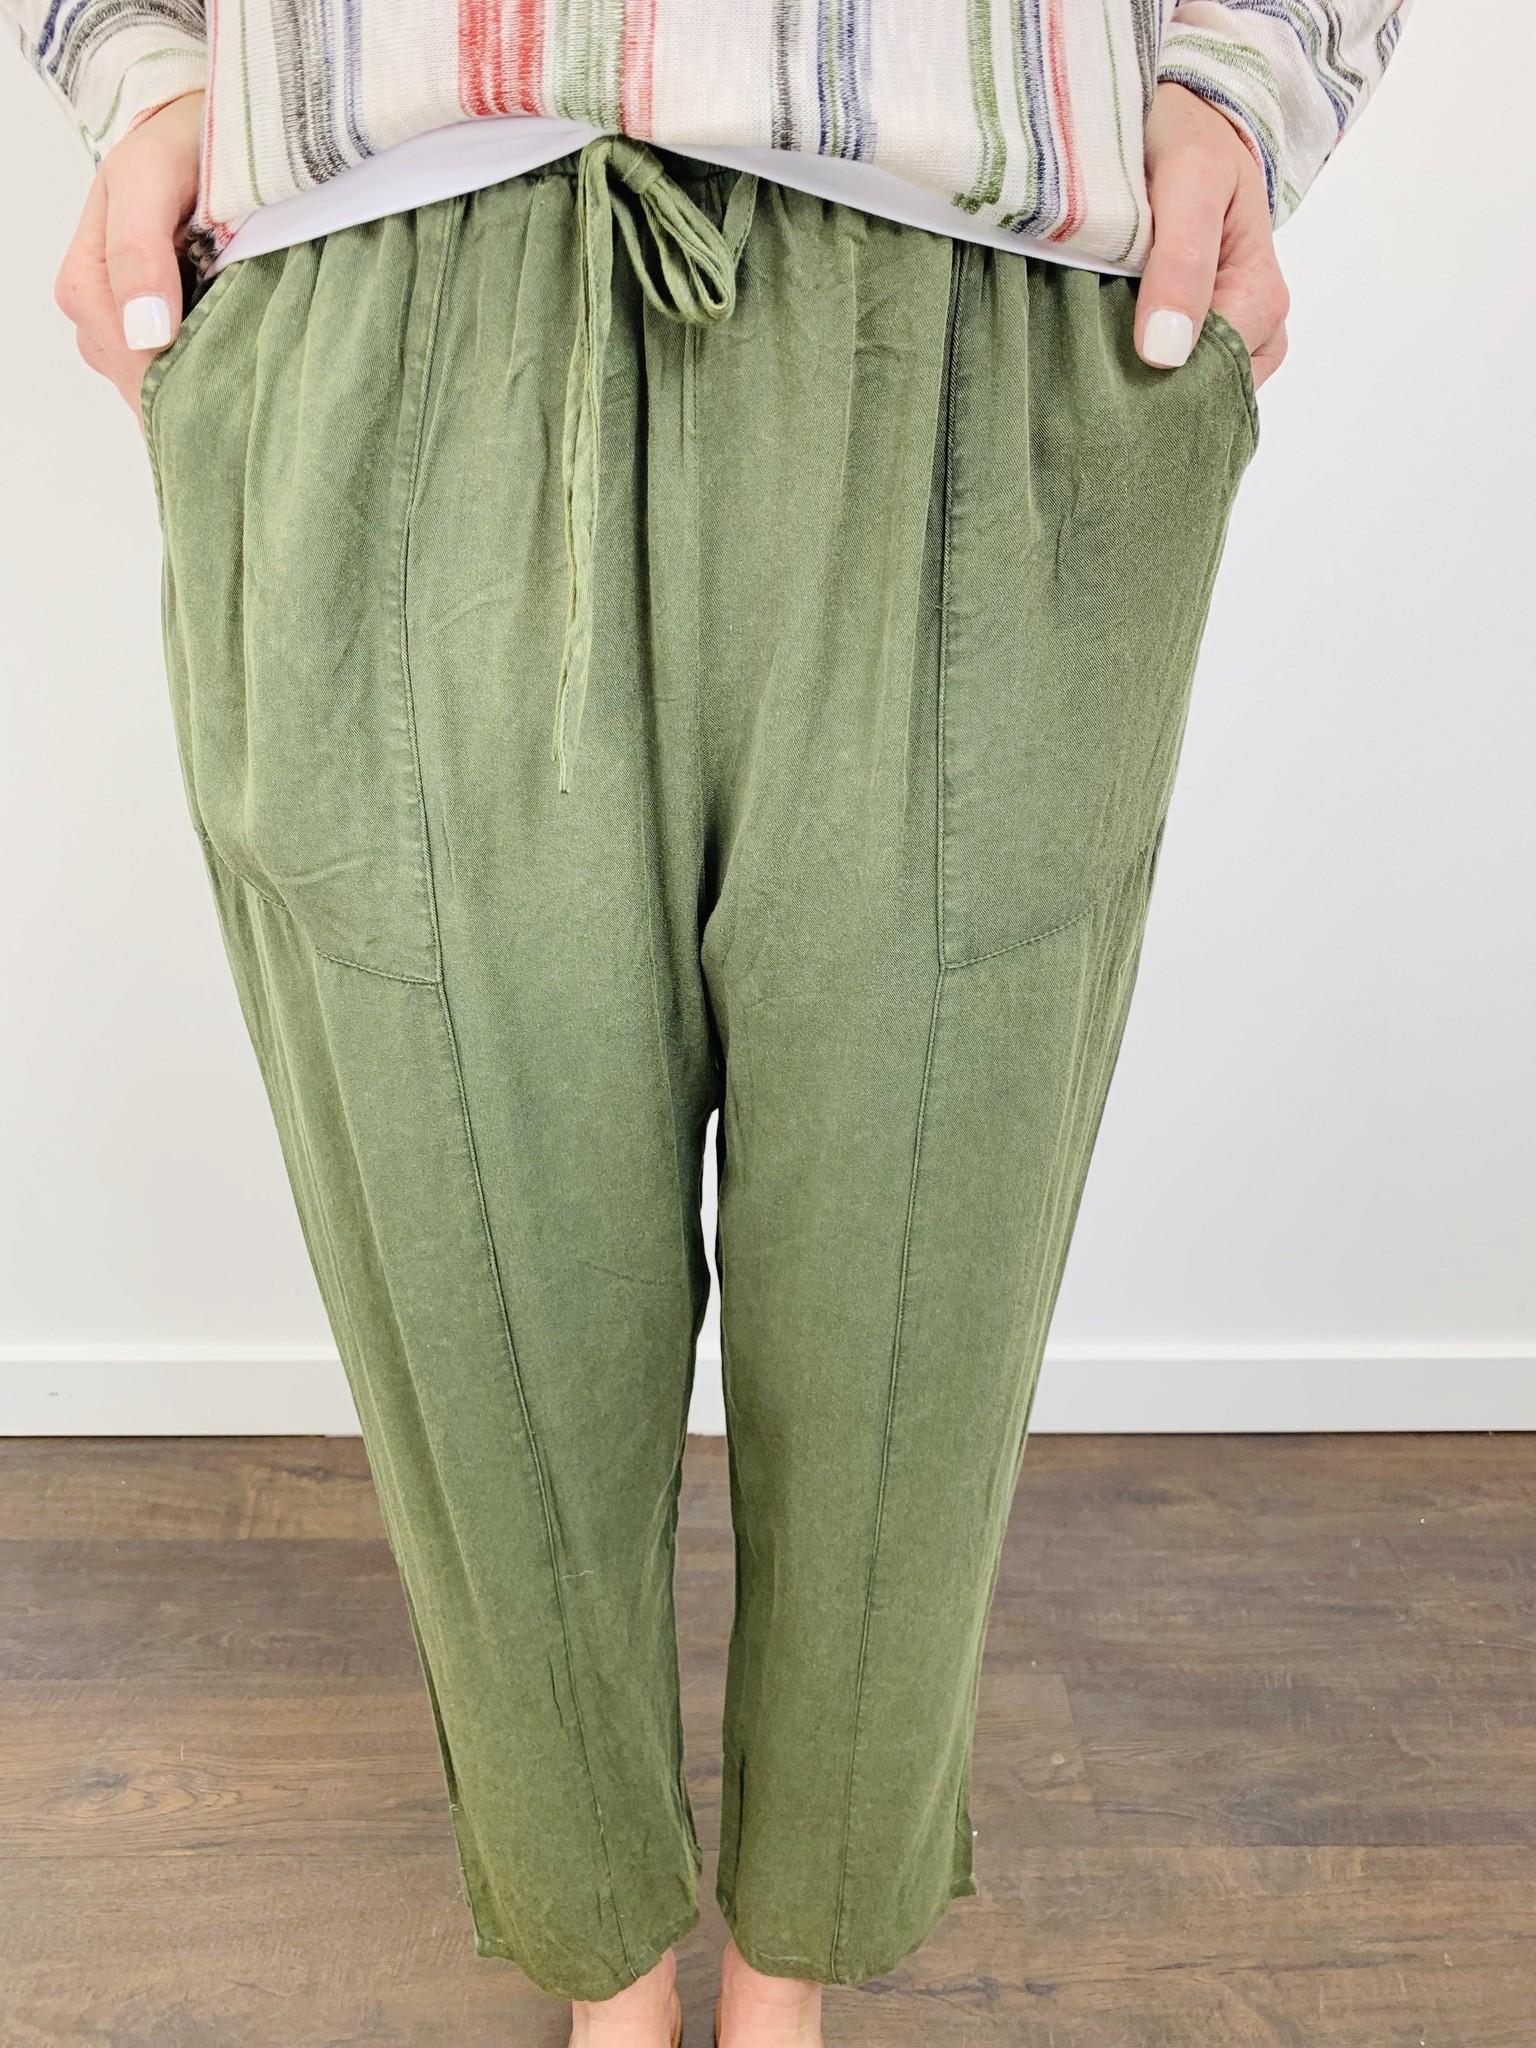 Hem & Thread Acid Wash Soft OIive Ankle Pant